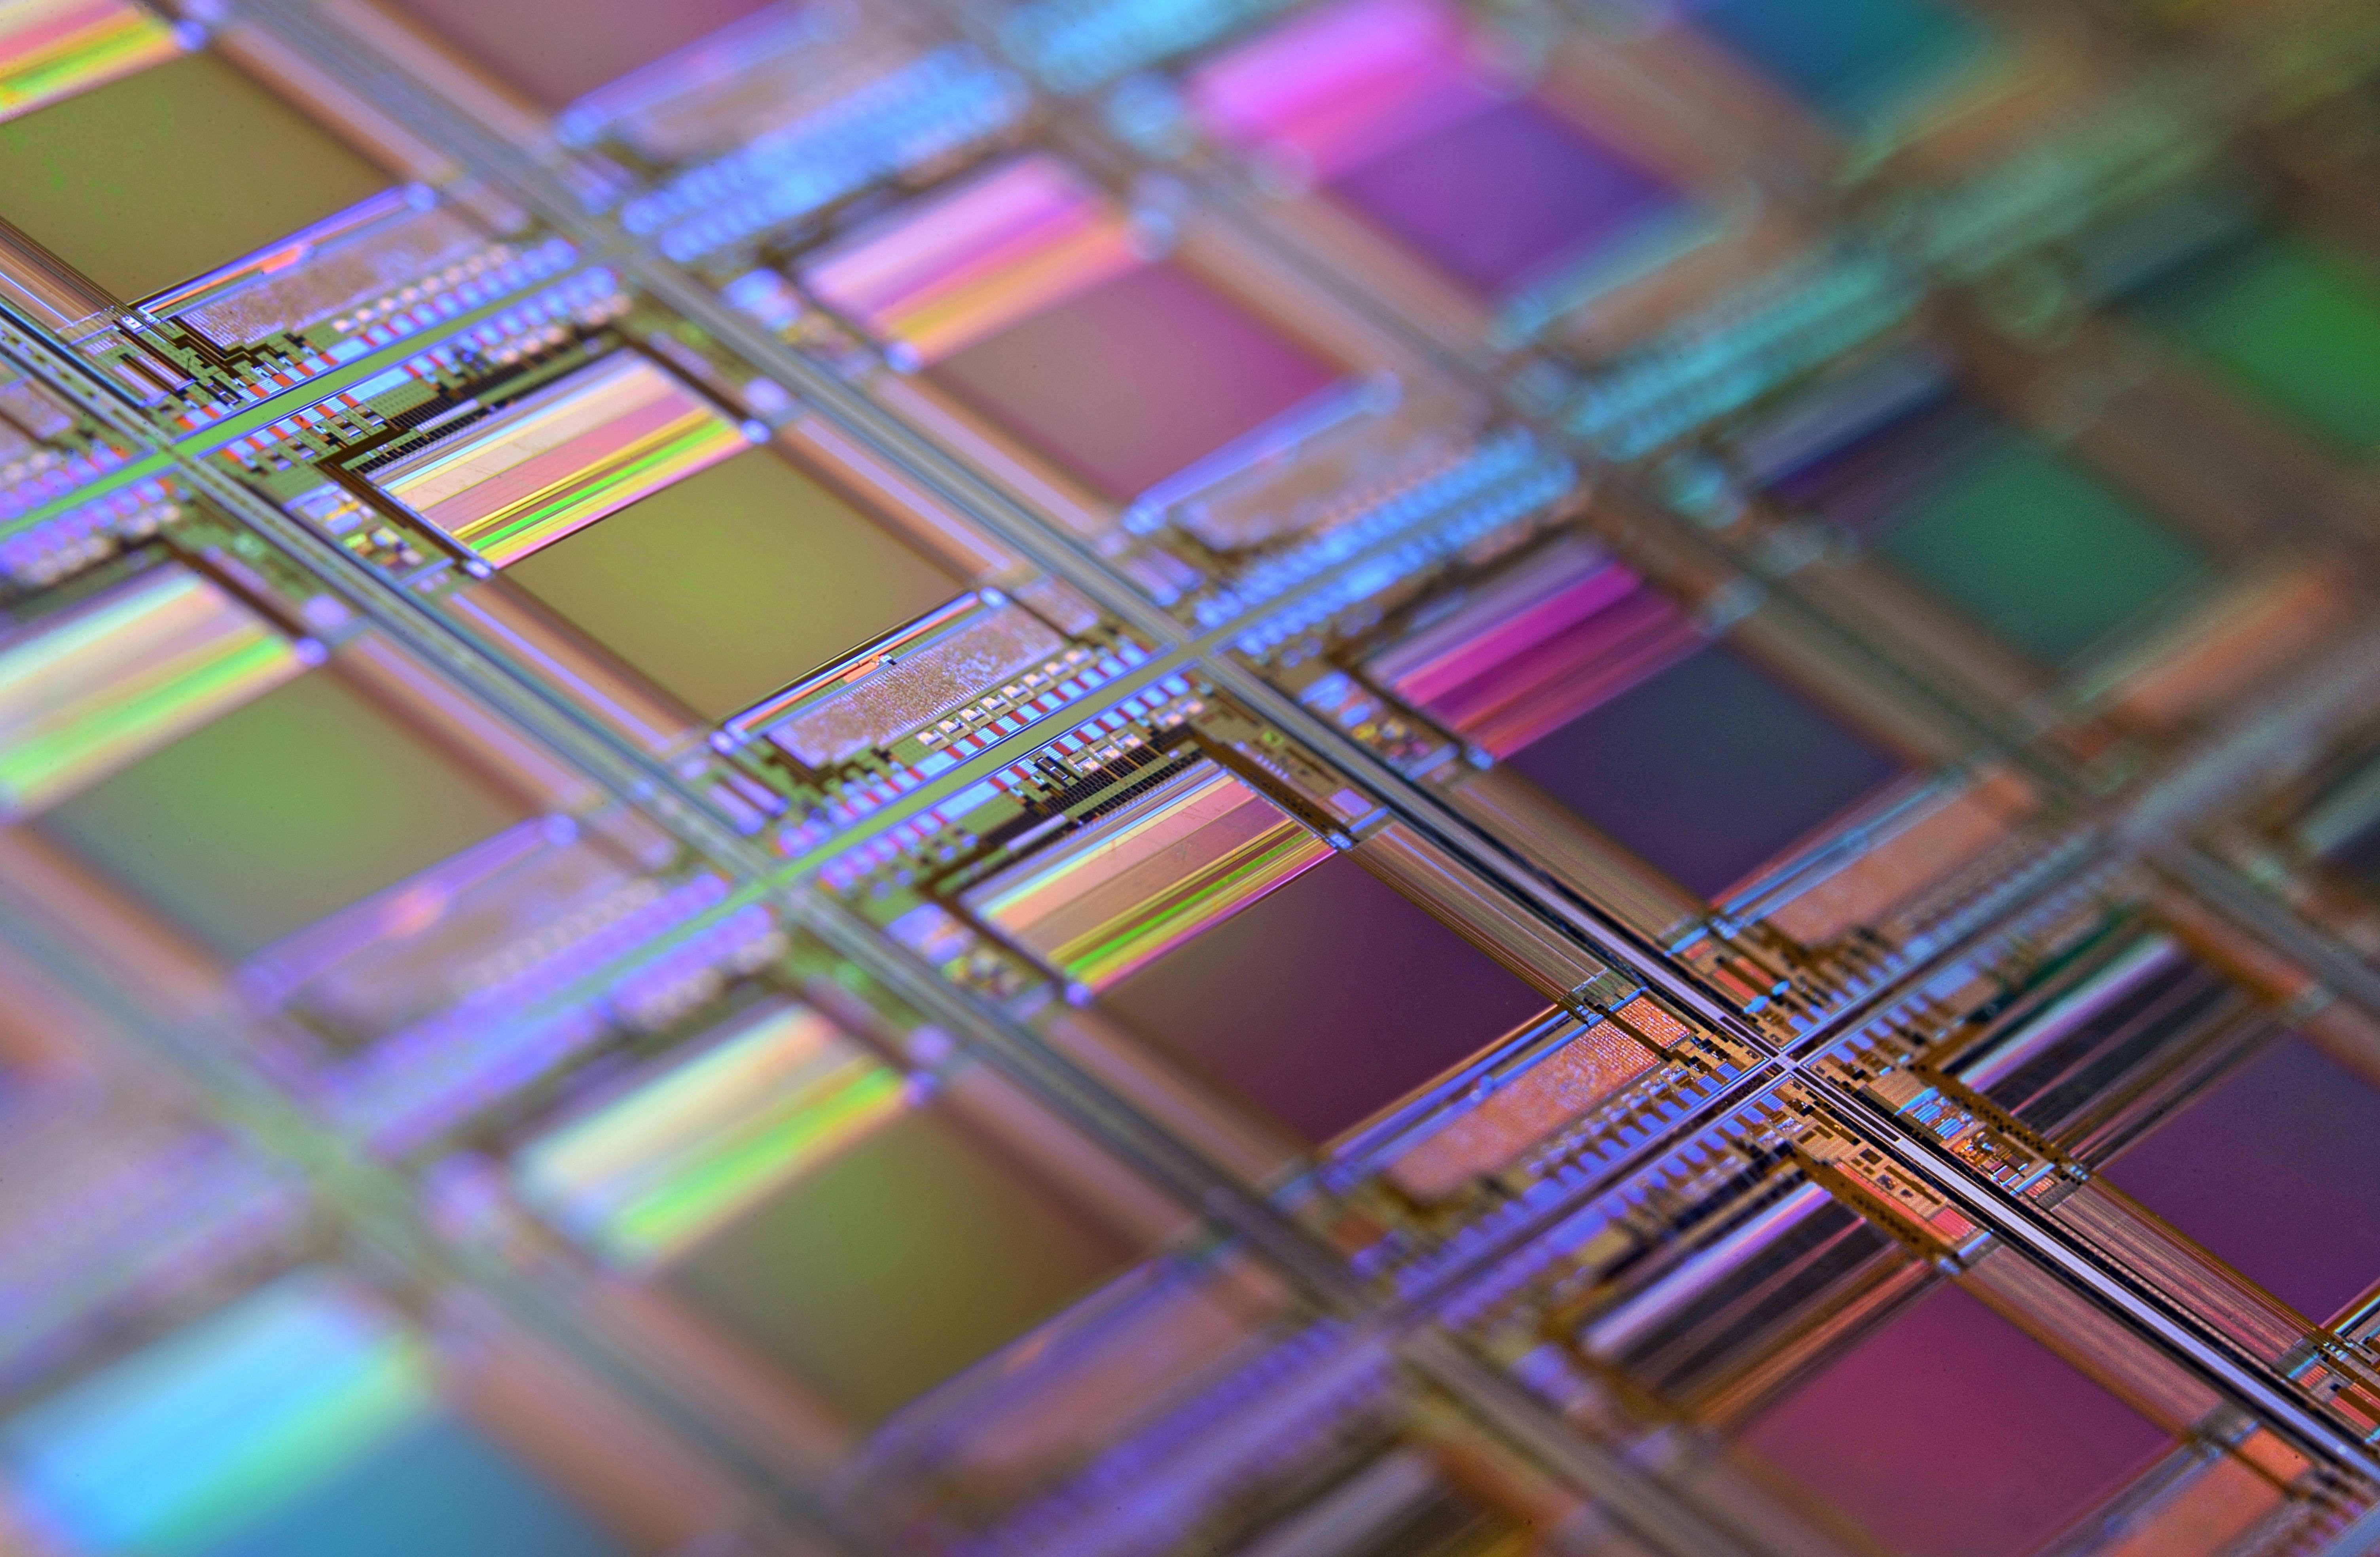 Silicon Chips(图片来源:Unsplash)